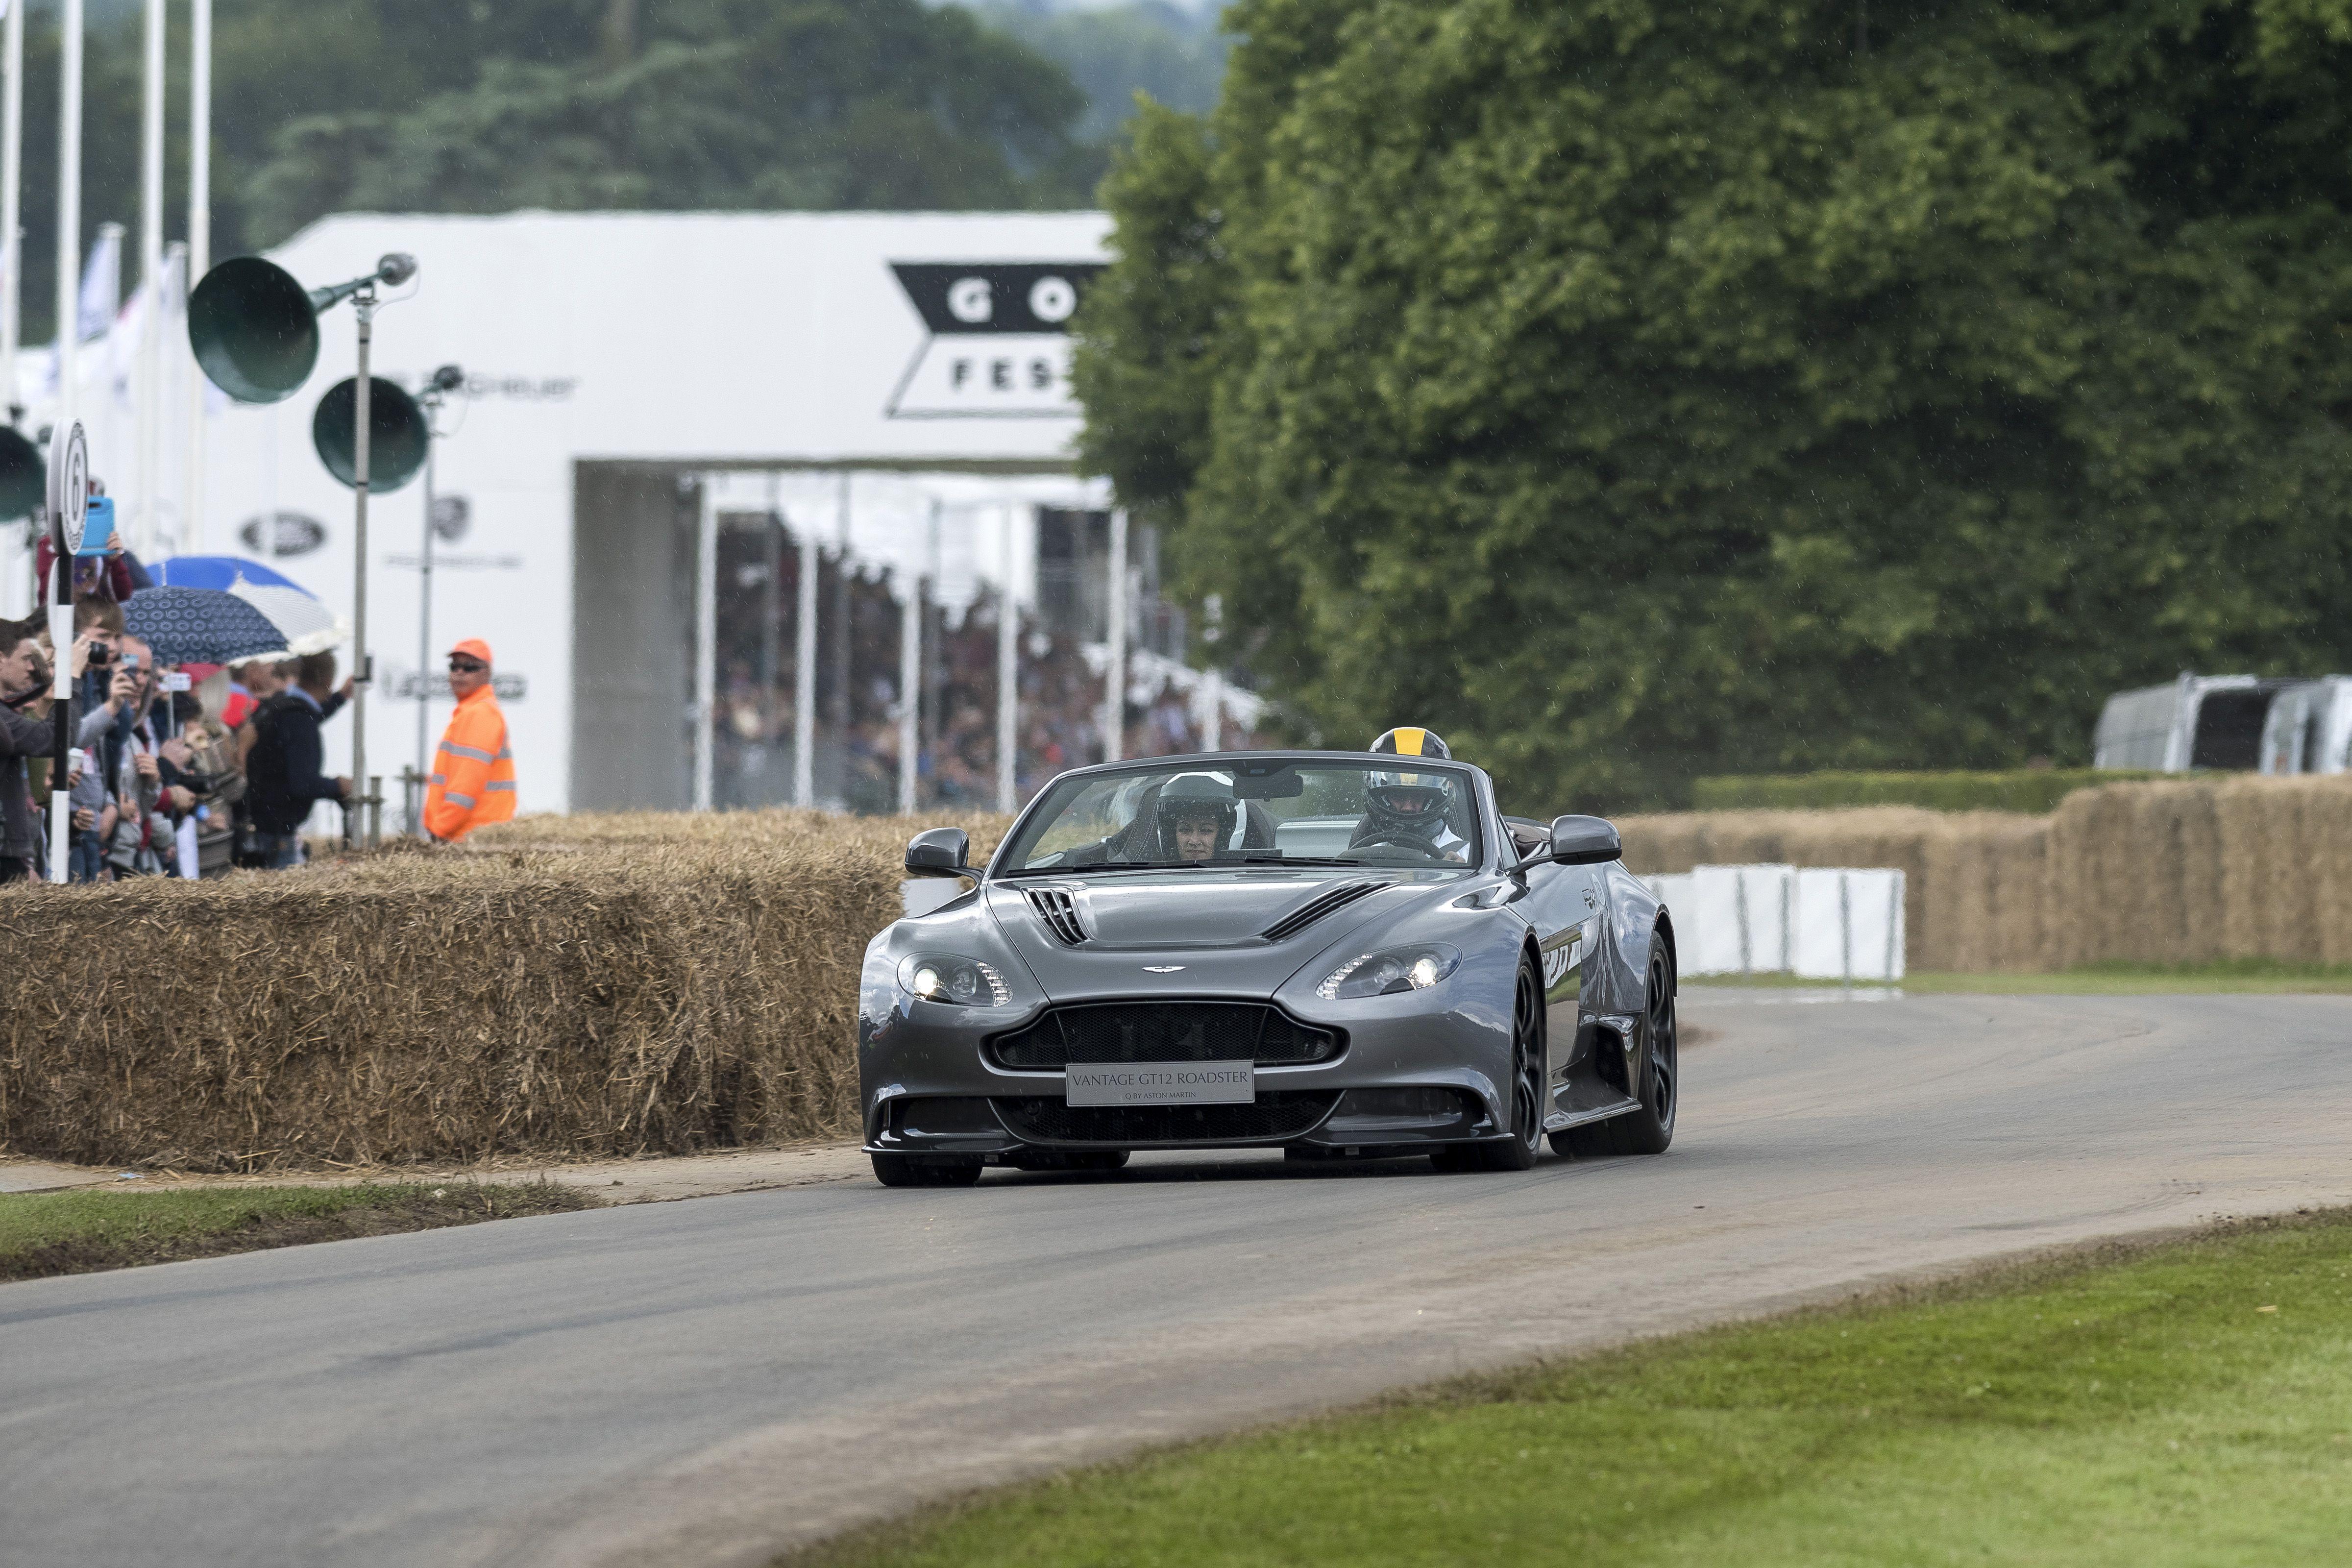 Aston Martin Goodwood Festival of Speed 2016